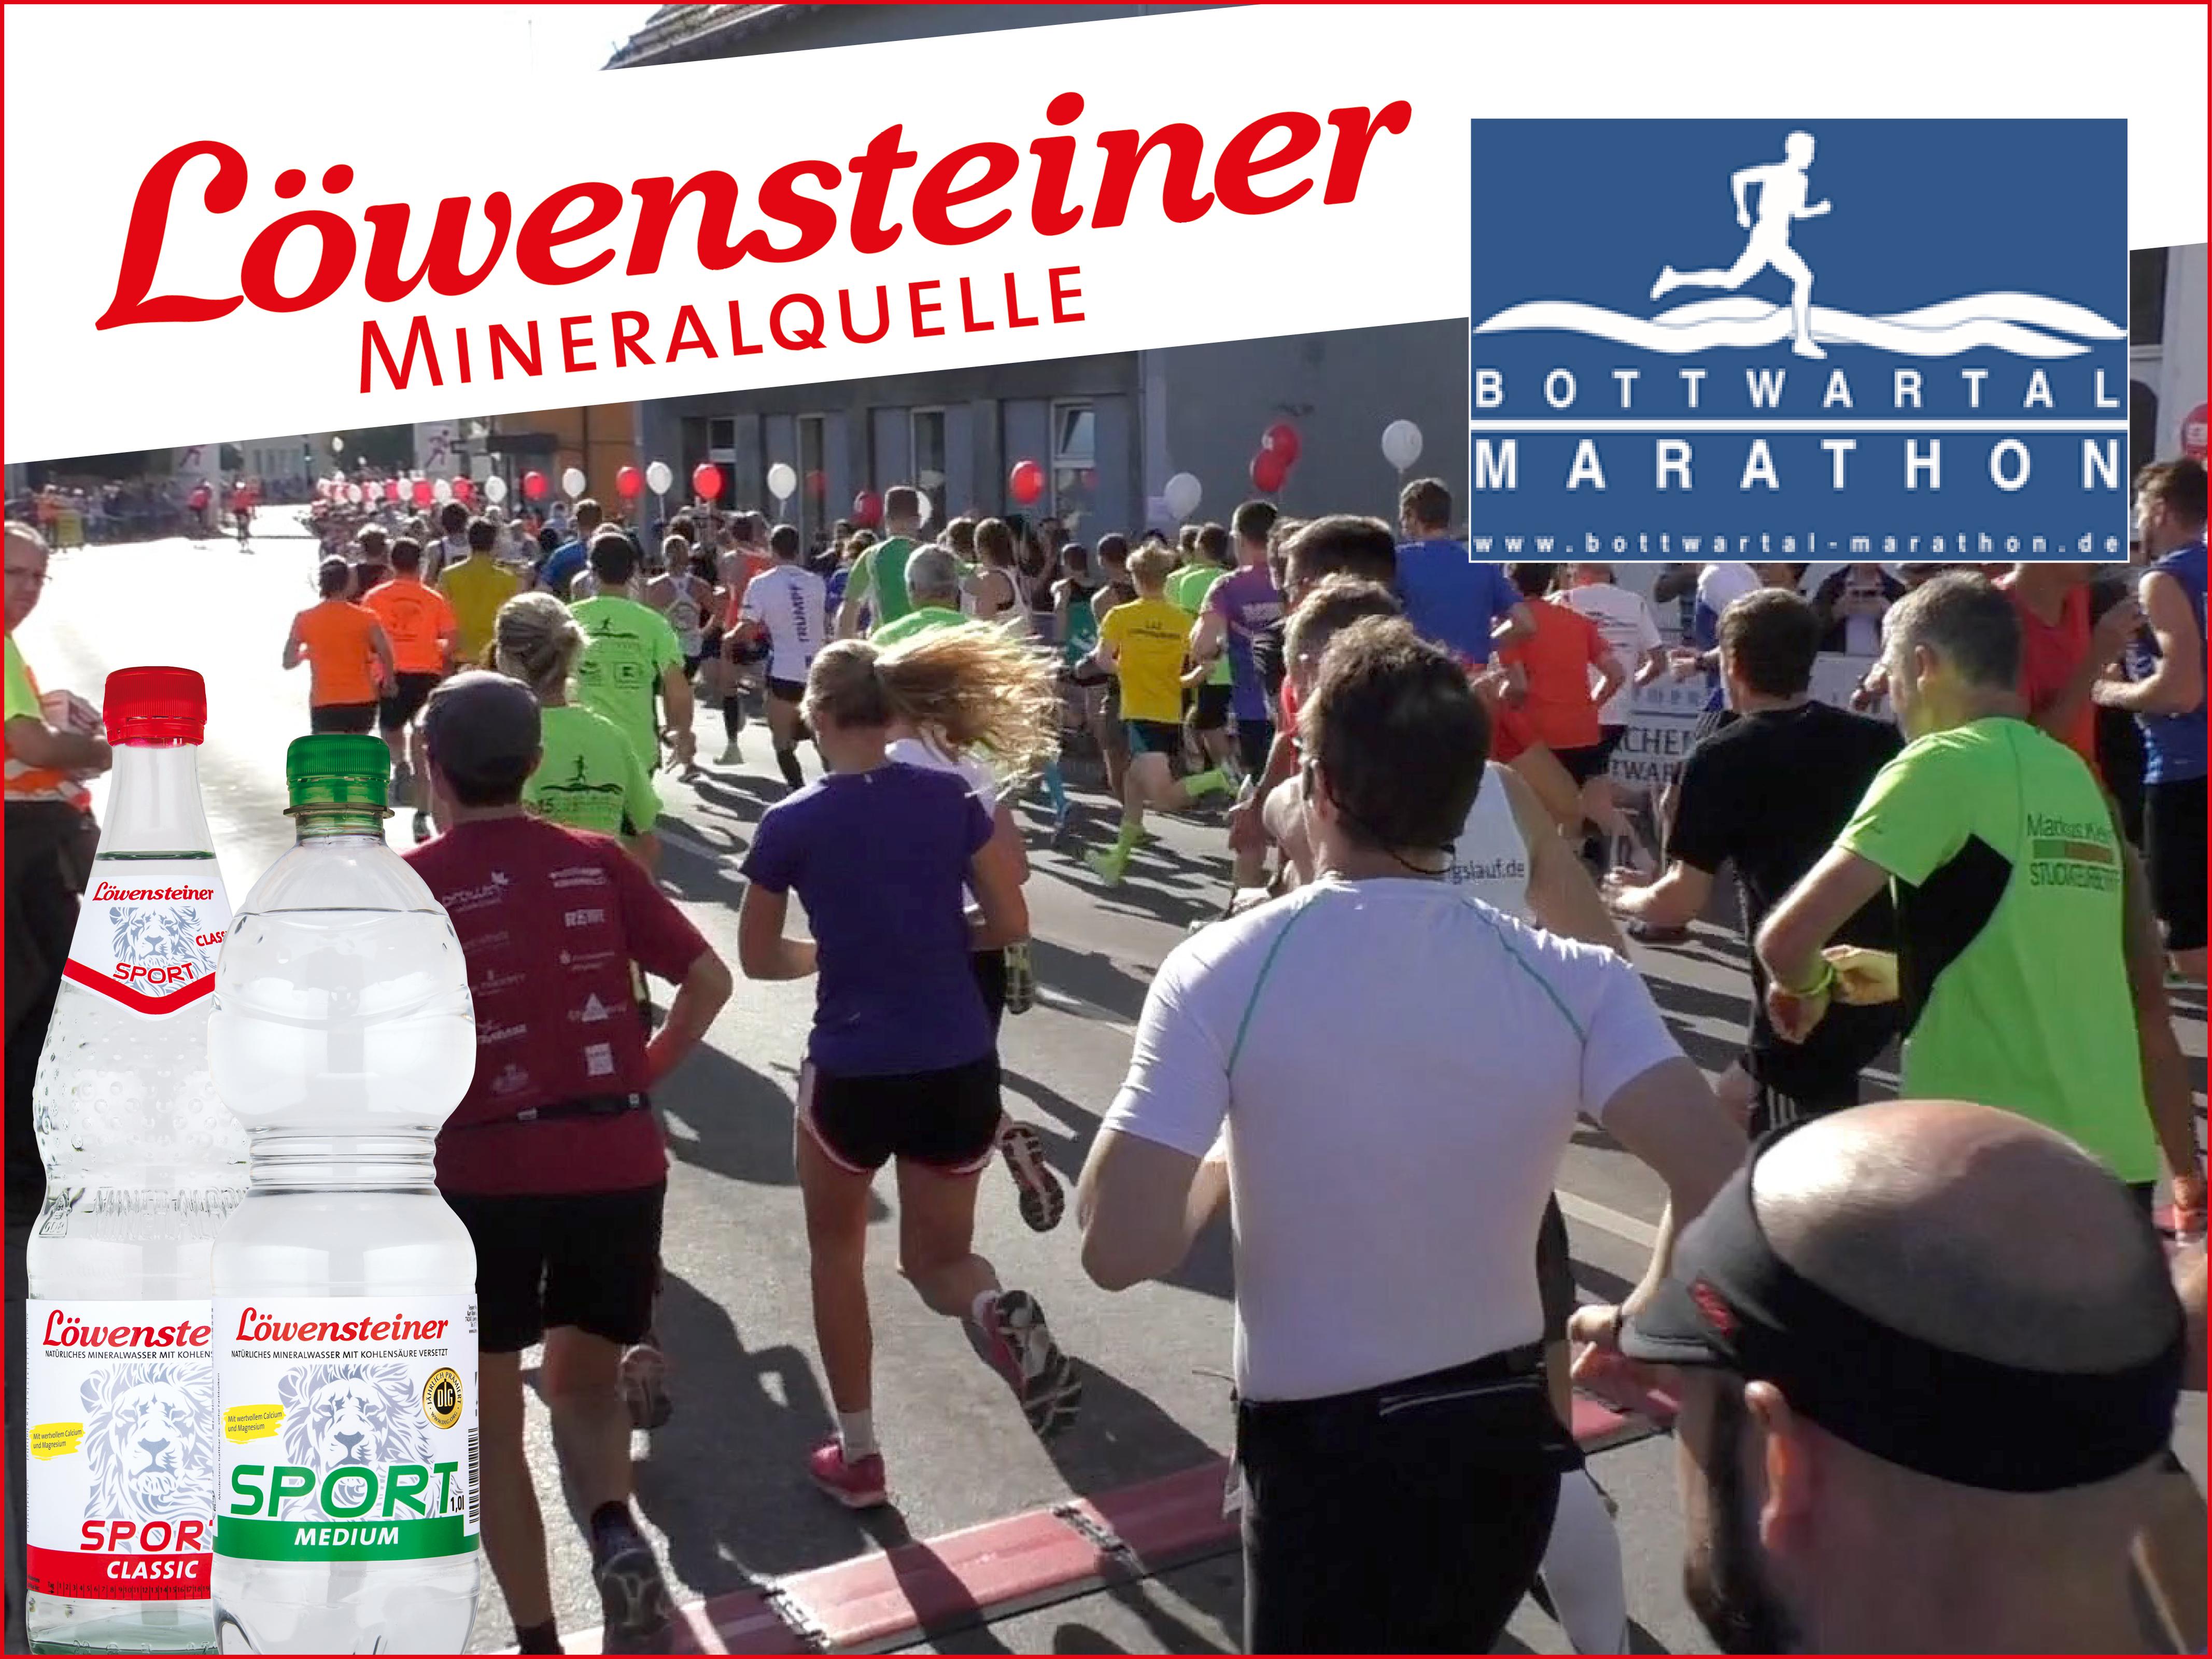 Bottwartal-Marathon 2019